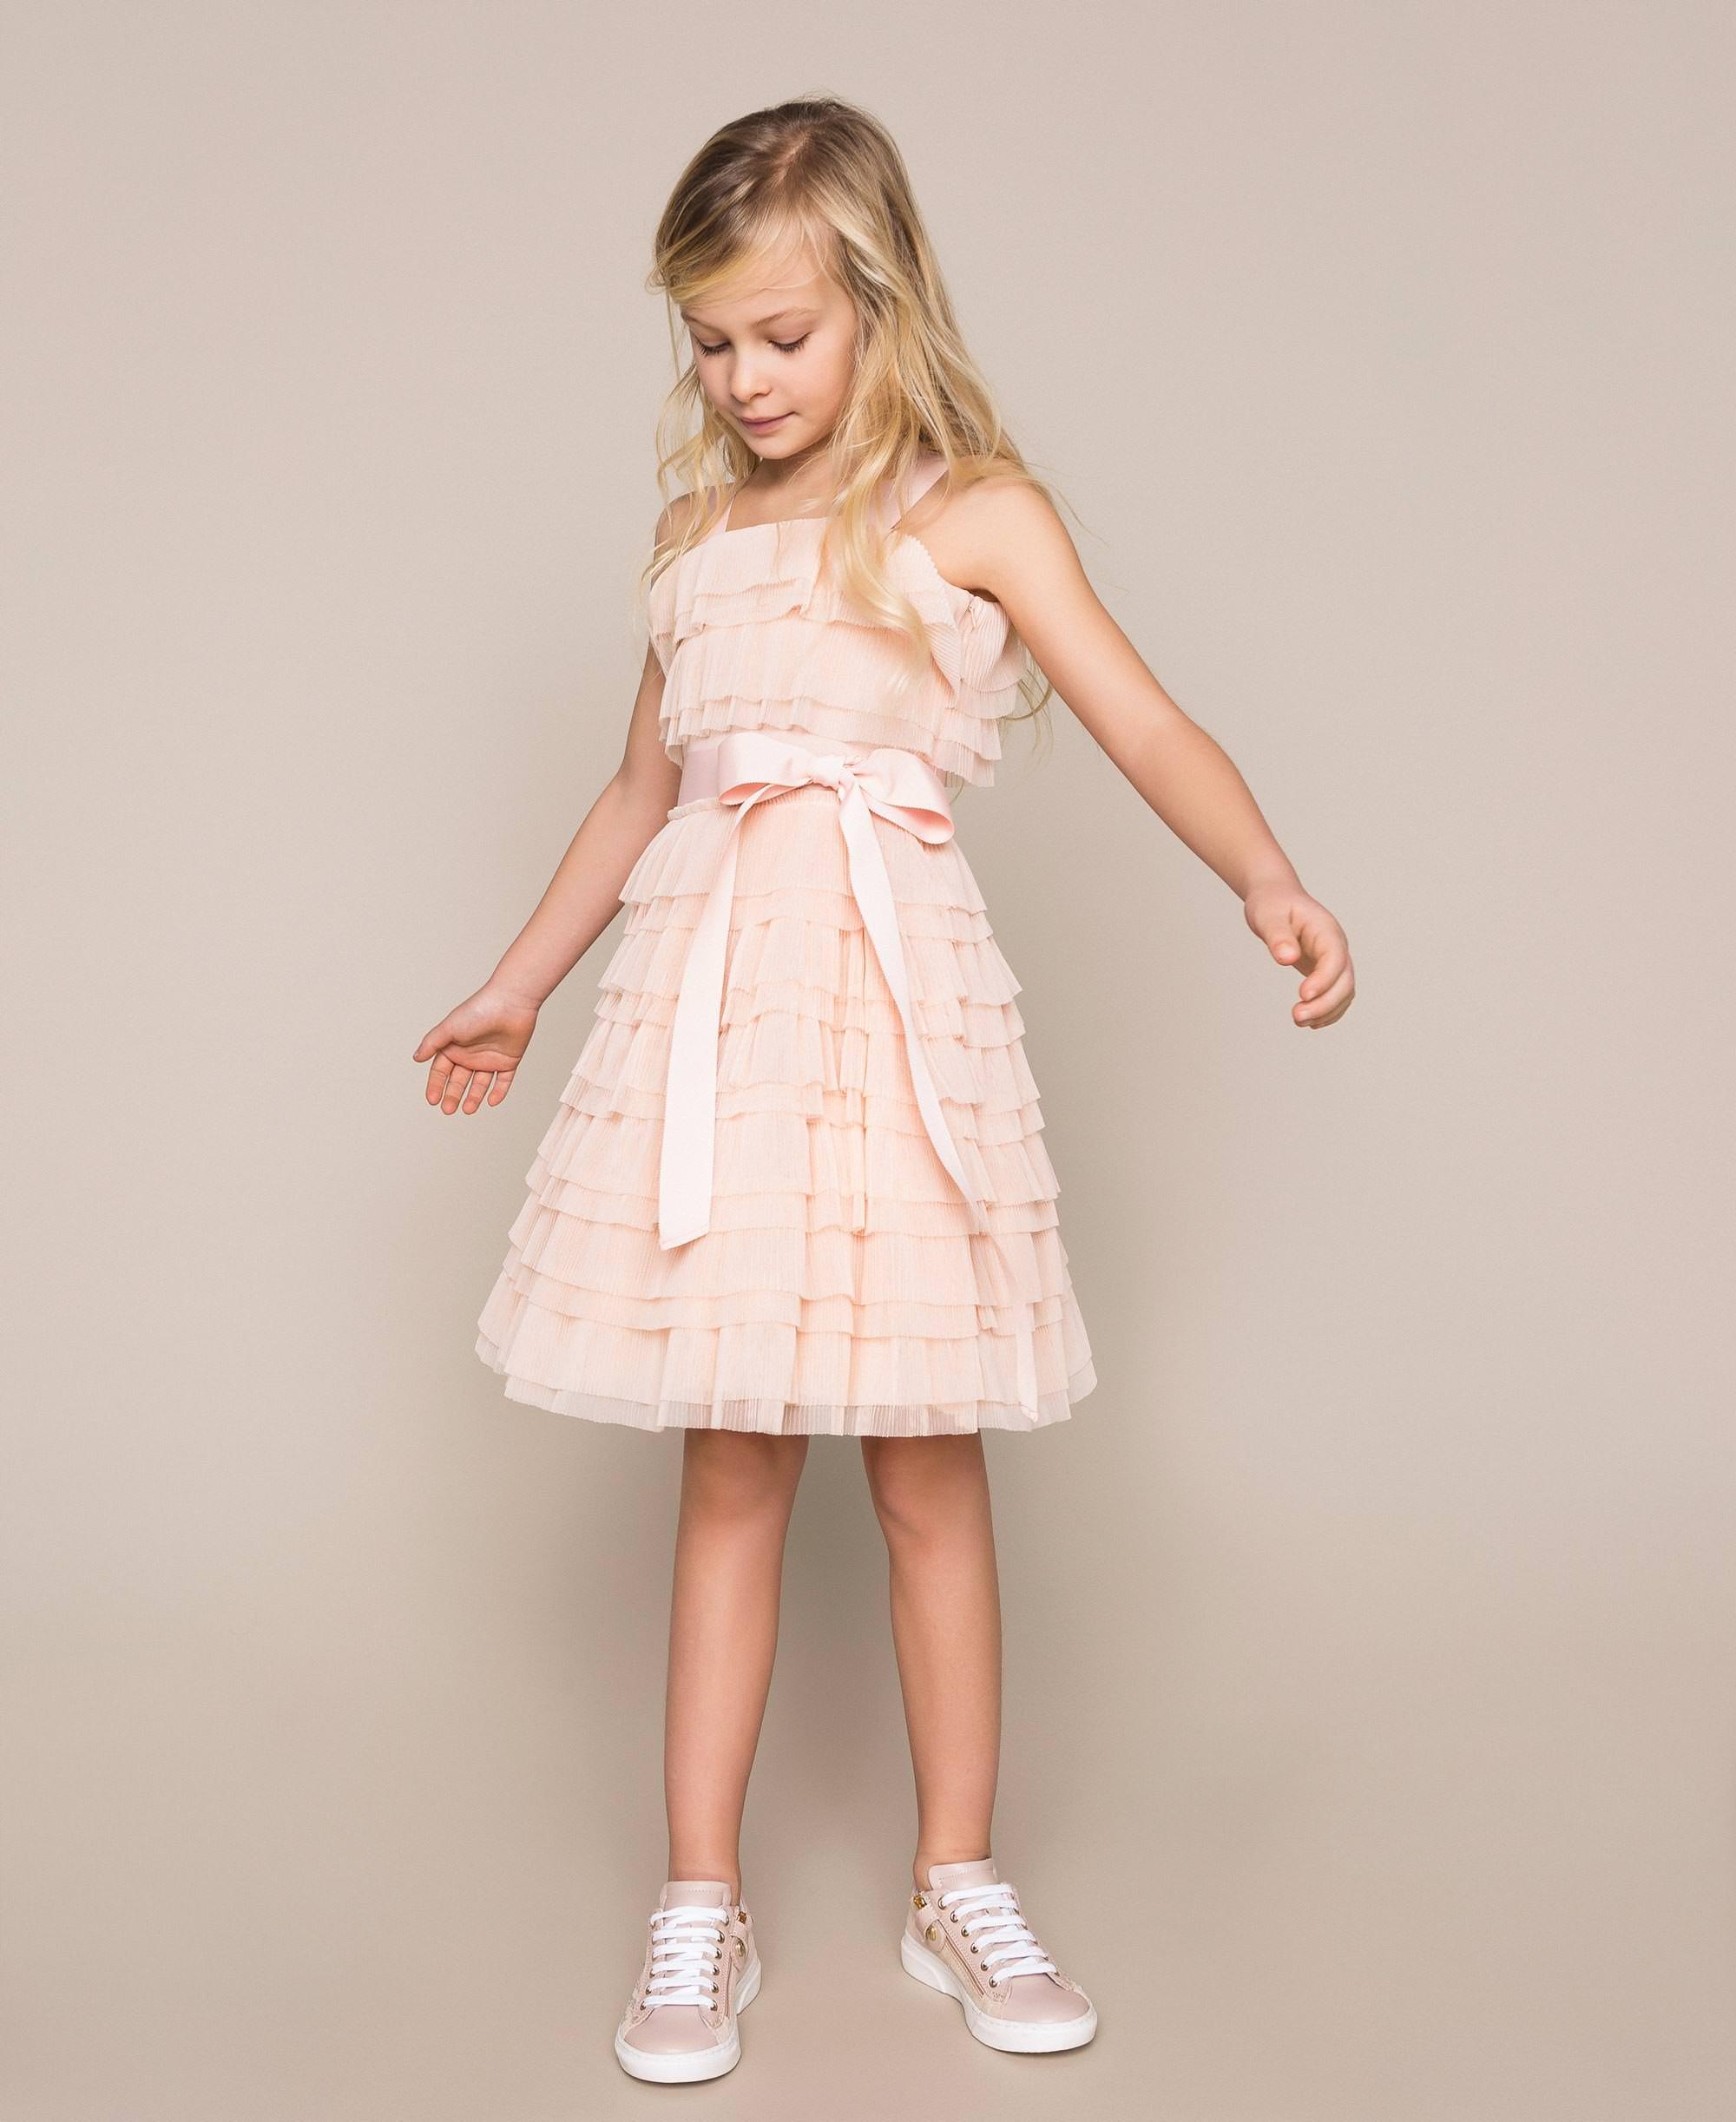 Kleid Aus Tüll Mit Plissierten Volants Kind Rose